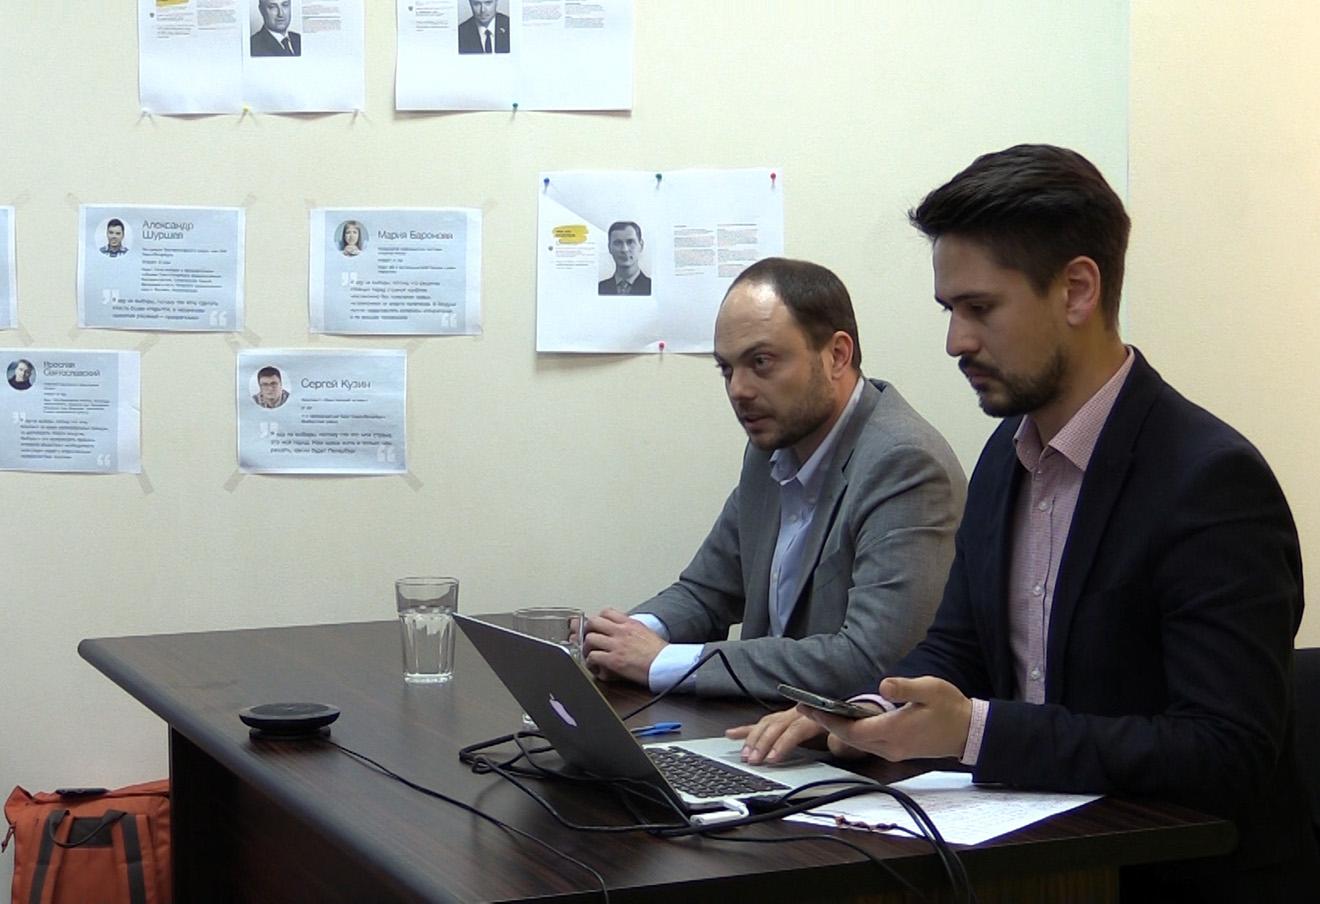 Владимир Кара-Мурза и Тимур Валеев